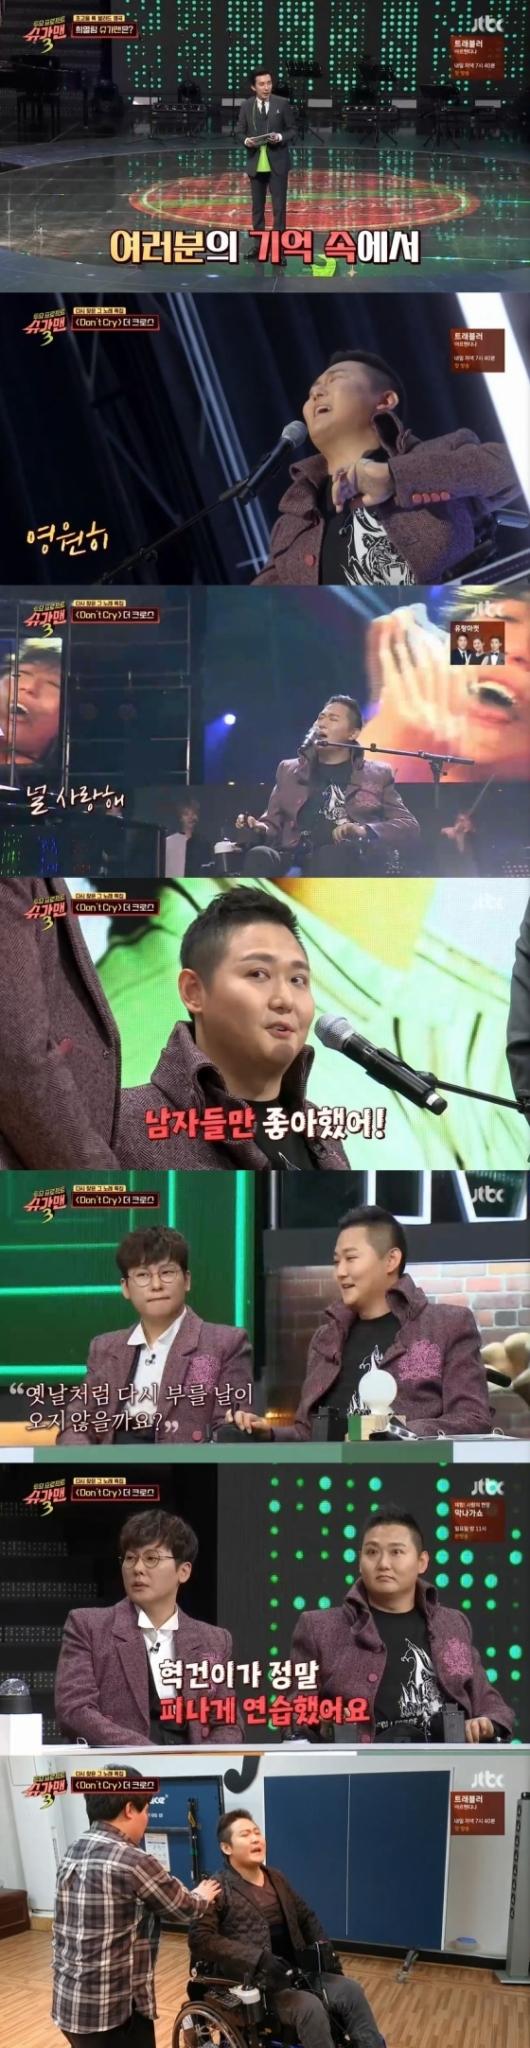 /사진=JTBC 예능 프로그램 '투 유 프로젝트 - 슈가맨 3' 캡처